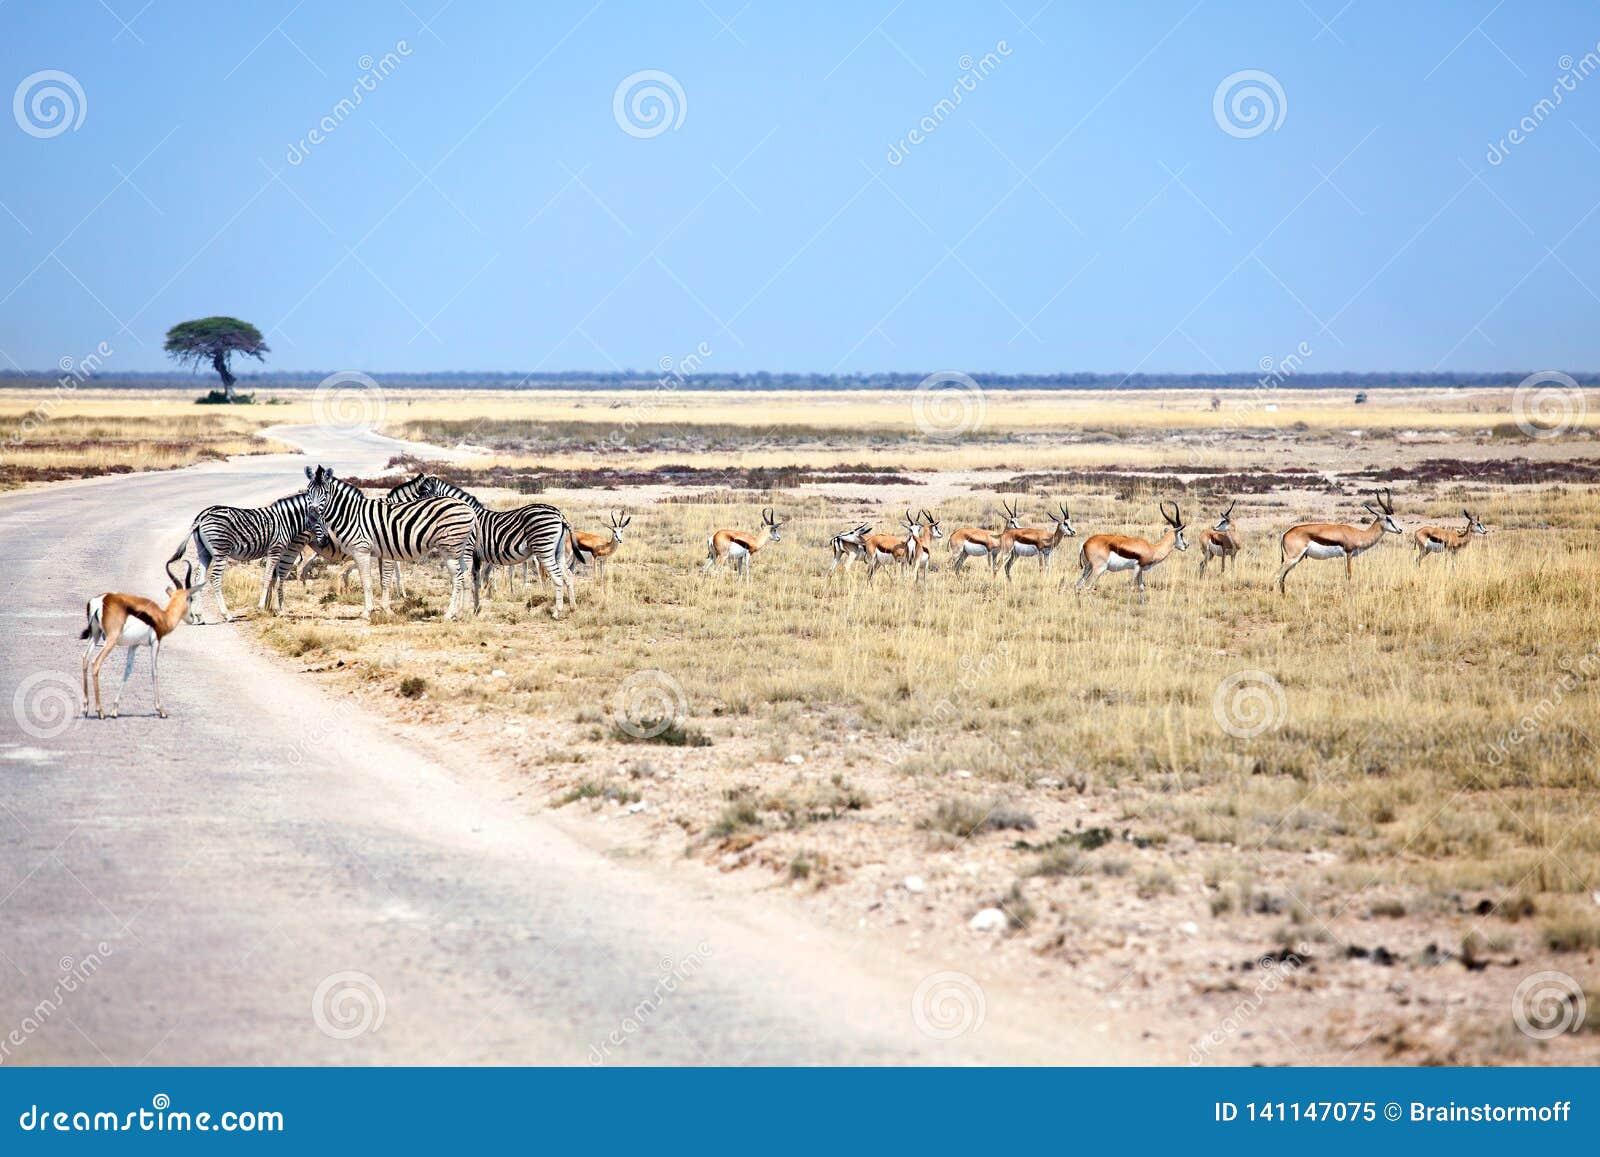 Табун зебр диких животных и антилоп импалы в поле на дороге на сафари в национальном парке Etosha, Намибии, Южной Африке